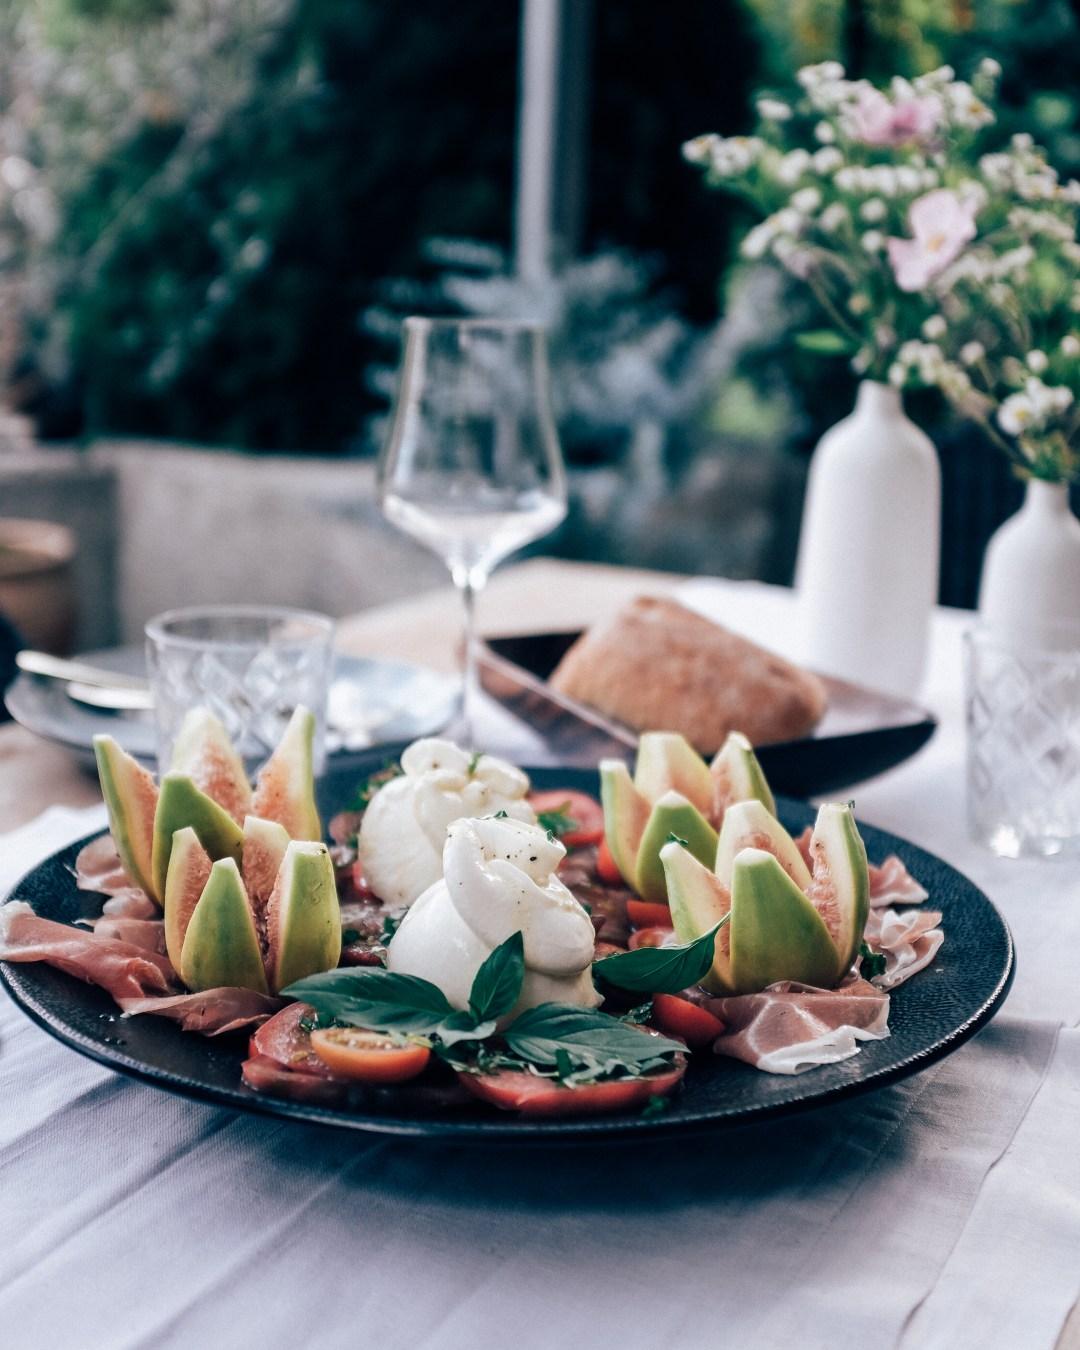 inastil, tomaten, feigen, mein Garten, erste Ernte, Gartenfrüchte, Sommerabend, Nektarinenkuchn, Sommerzeit, Ü50Blogger, Rezept-15